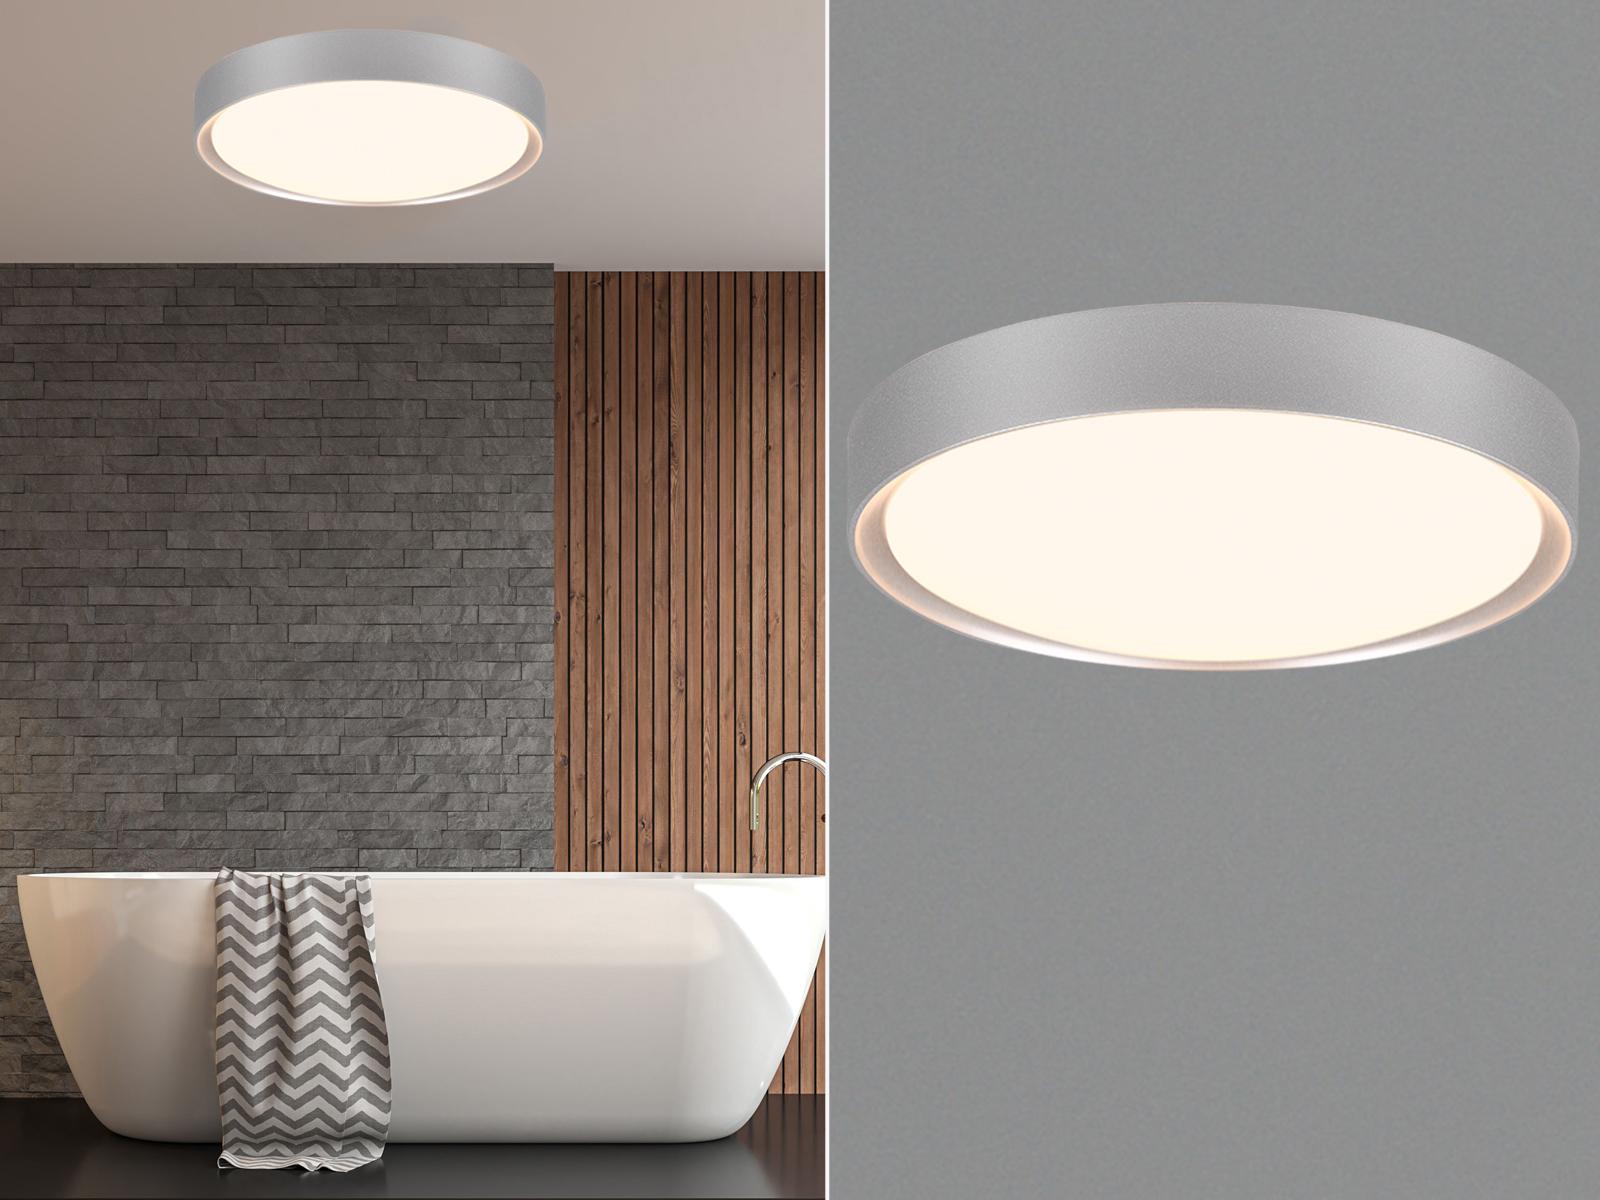 Led lampada da soffitto soffitto soffitto applique clarimo titanio